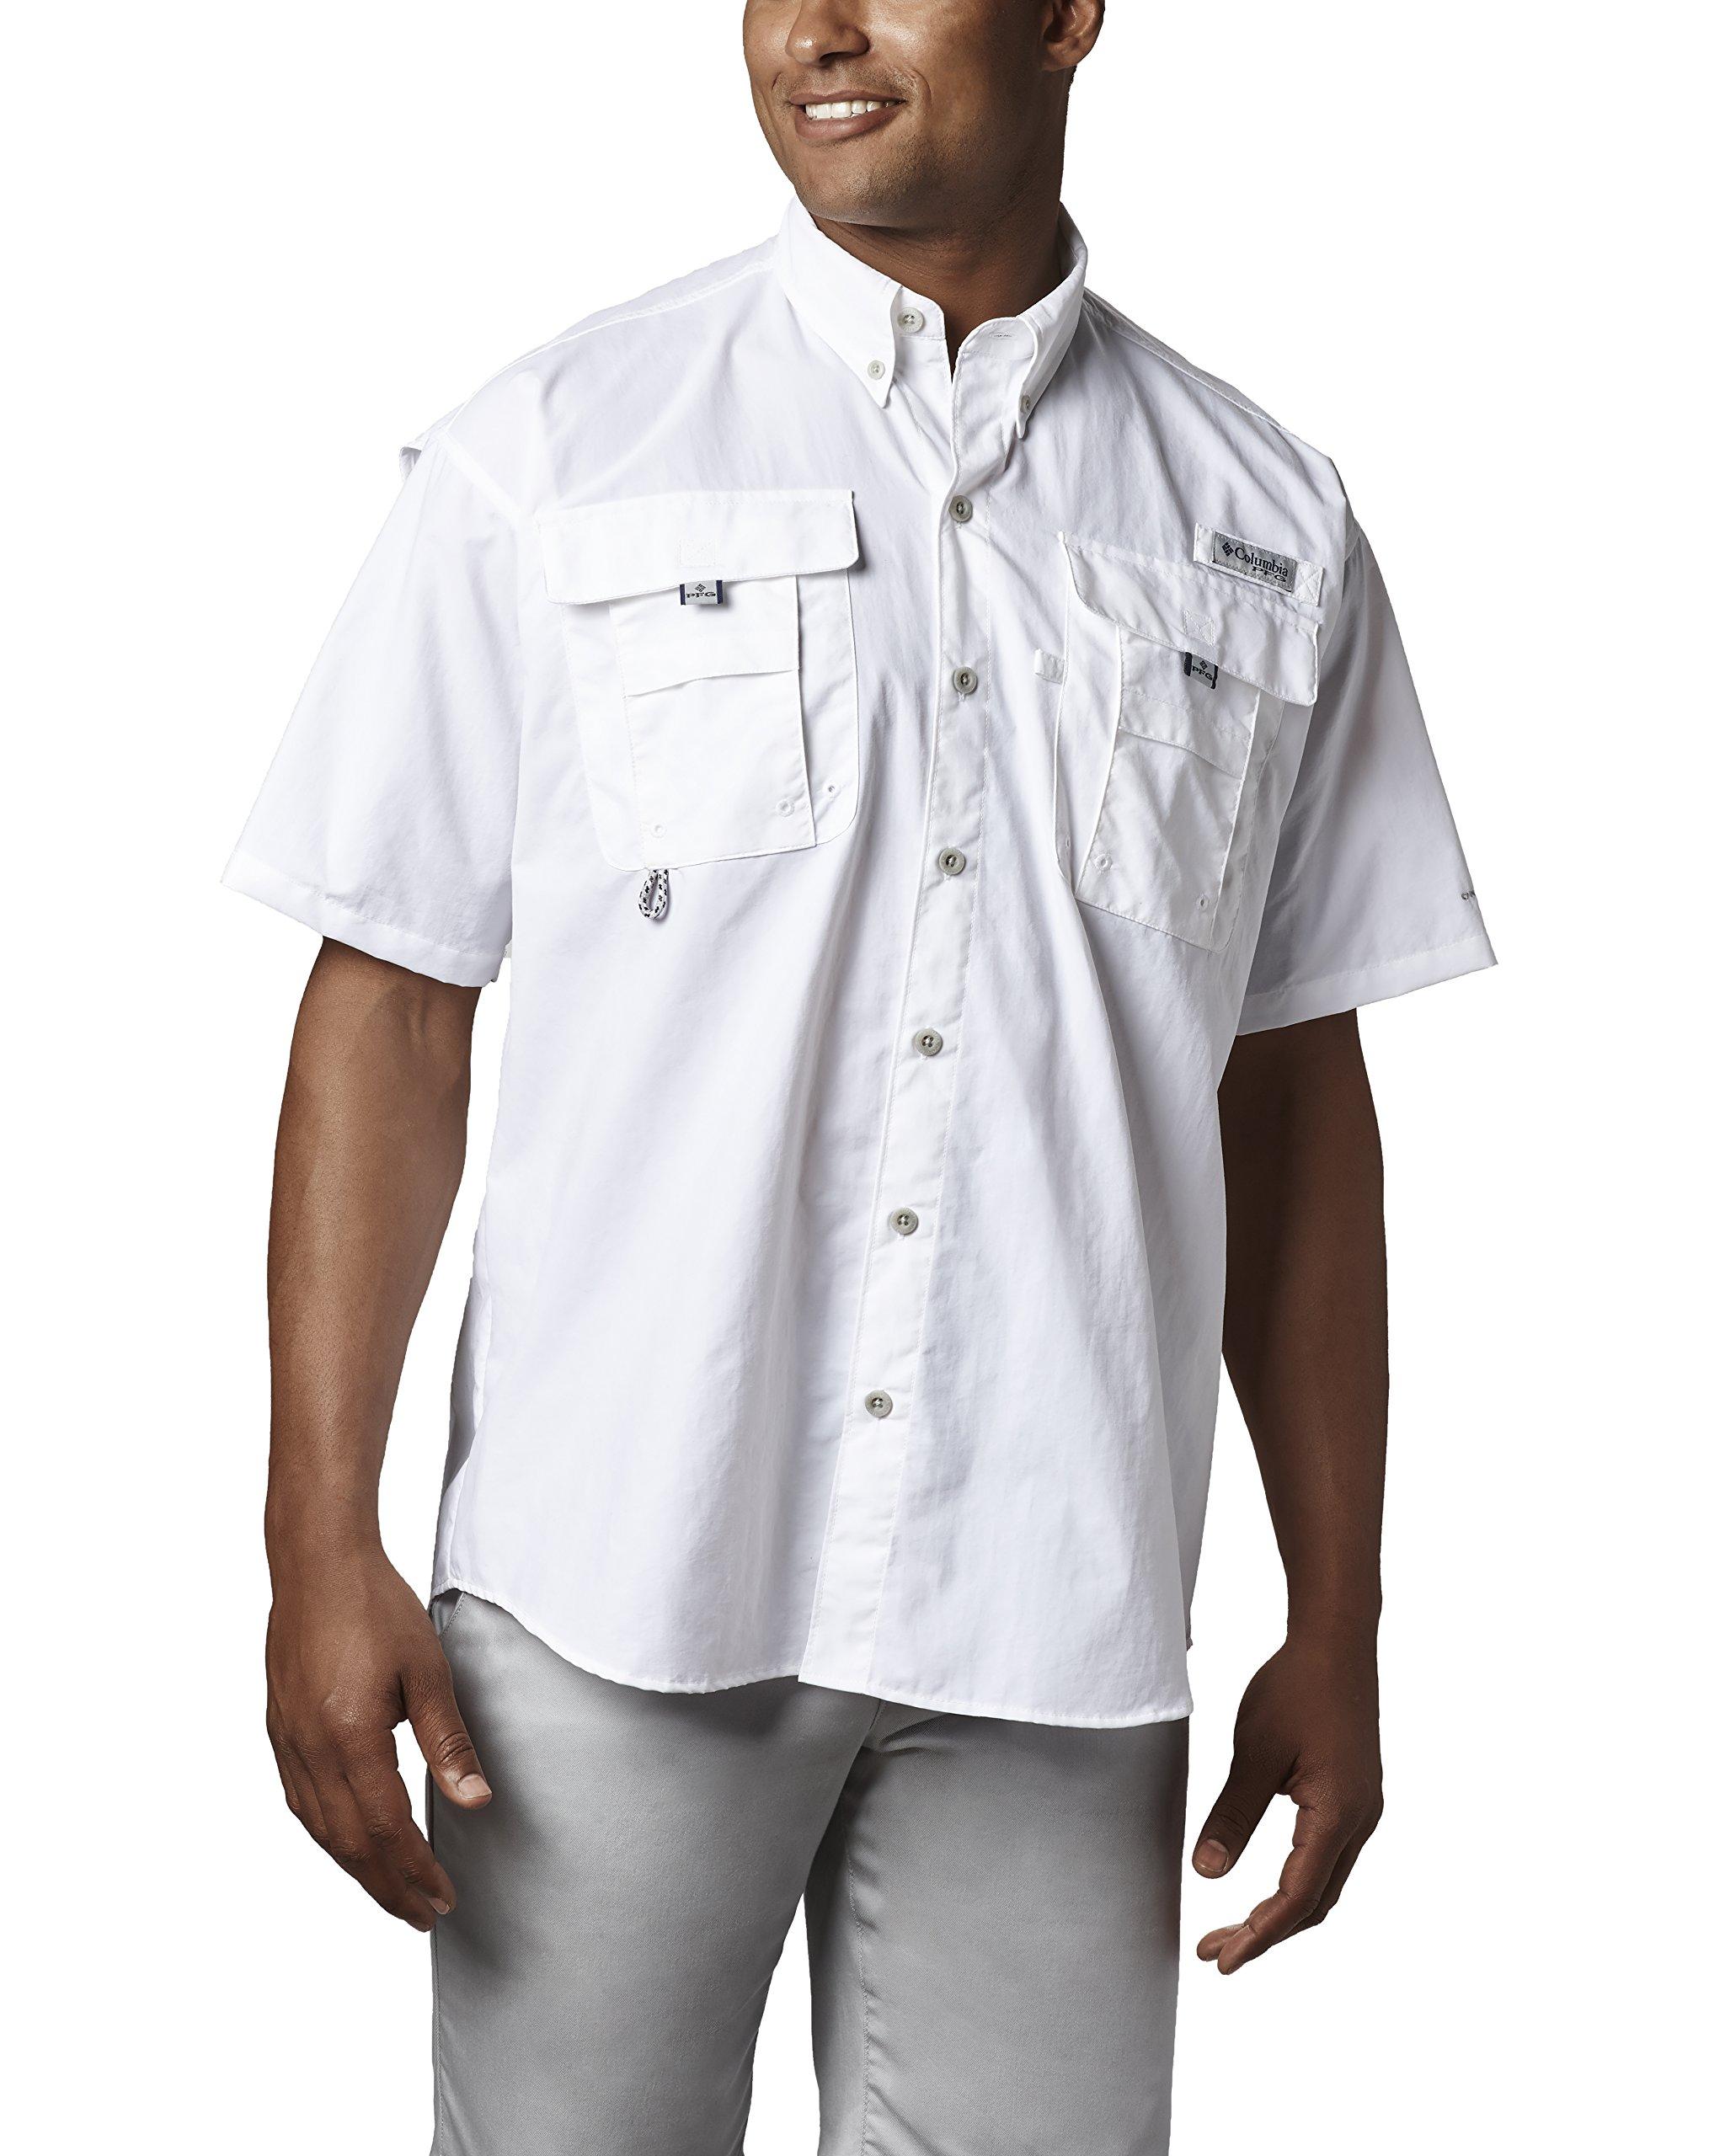 Columbia Men's PFG Bahama II Short Sleeve Shirt, White, X-Small